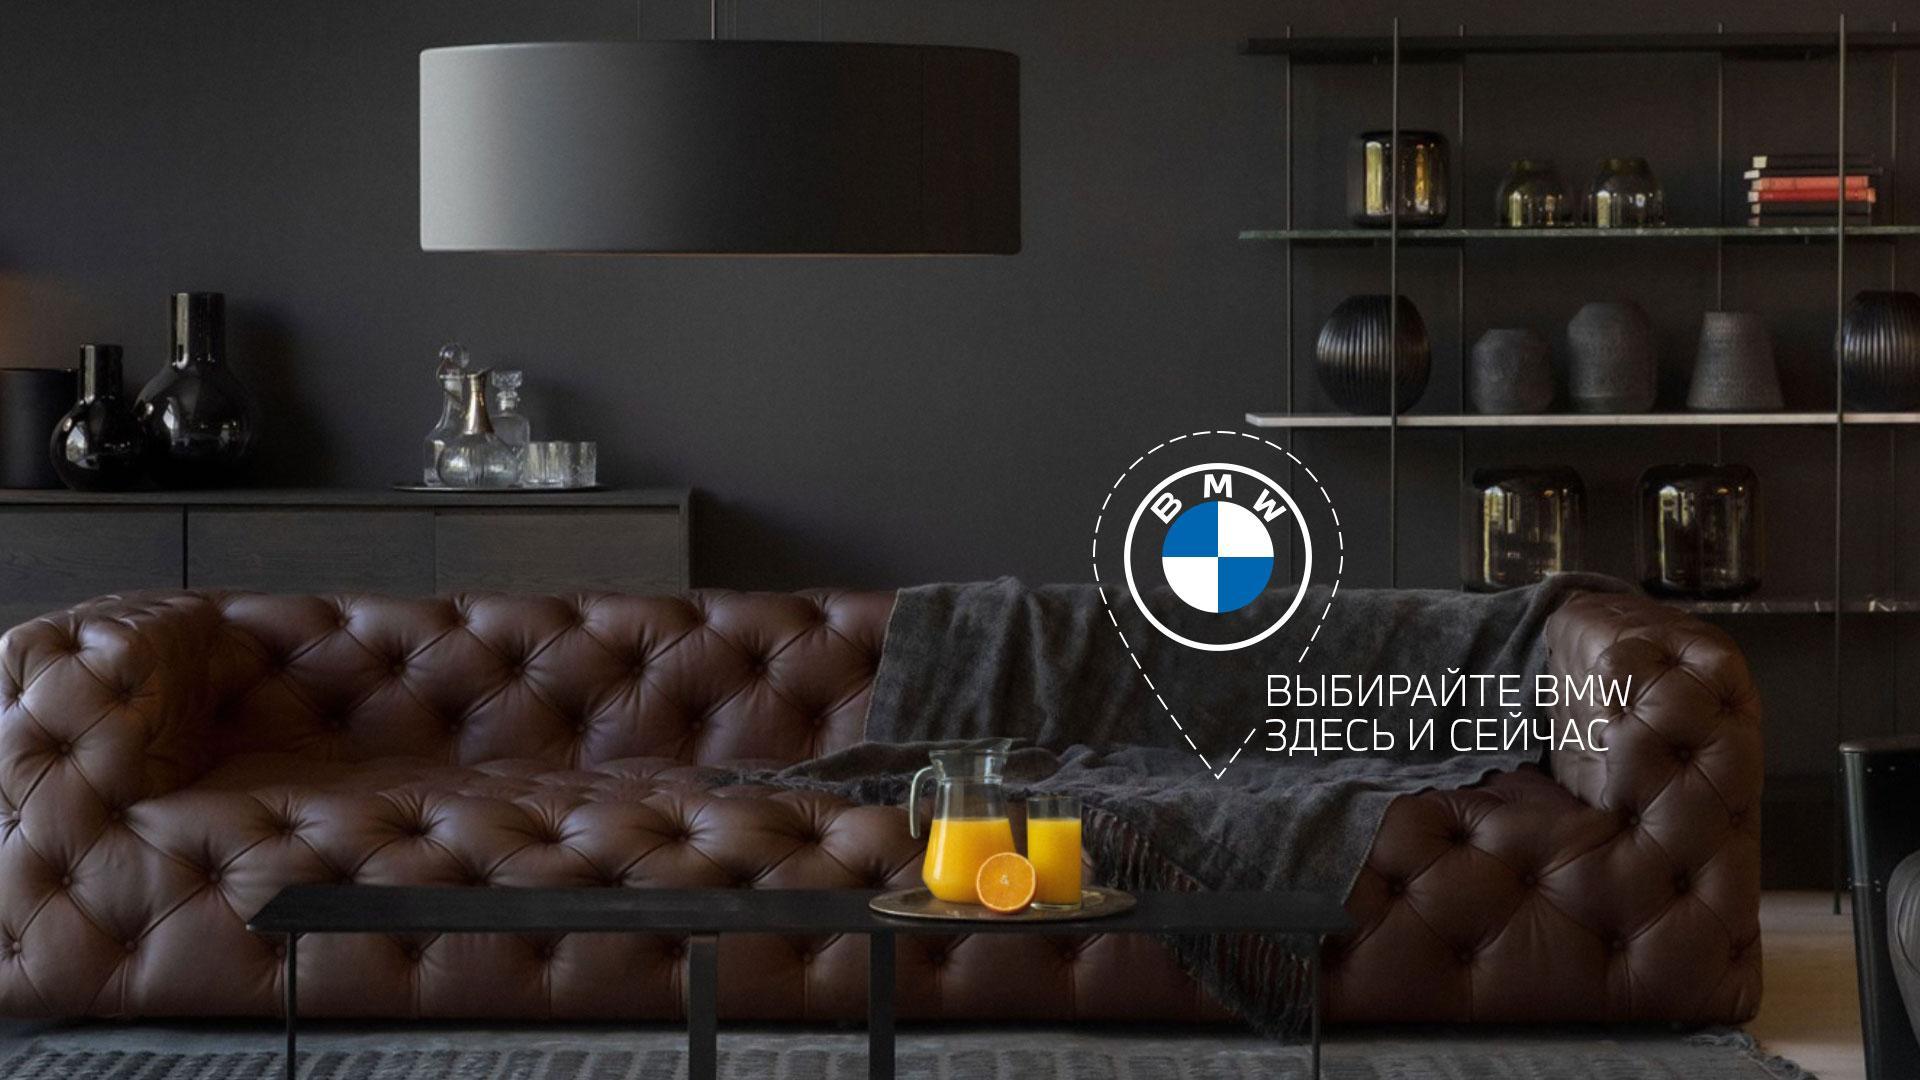 Рус Моторс - проще купить BMW из дома.